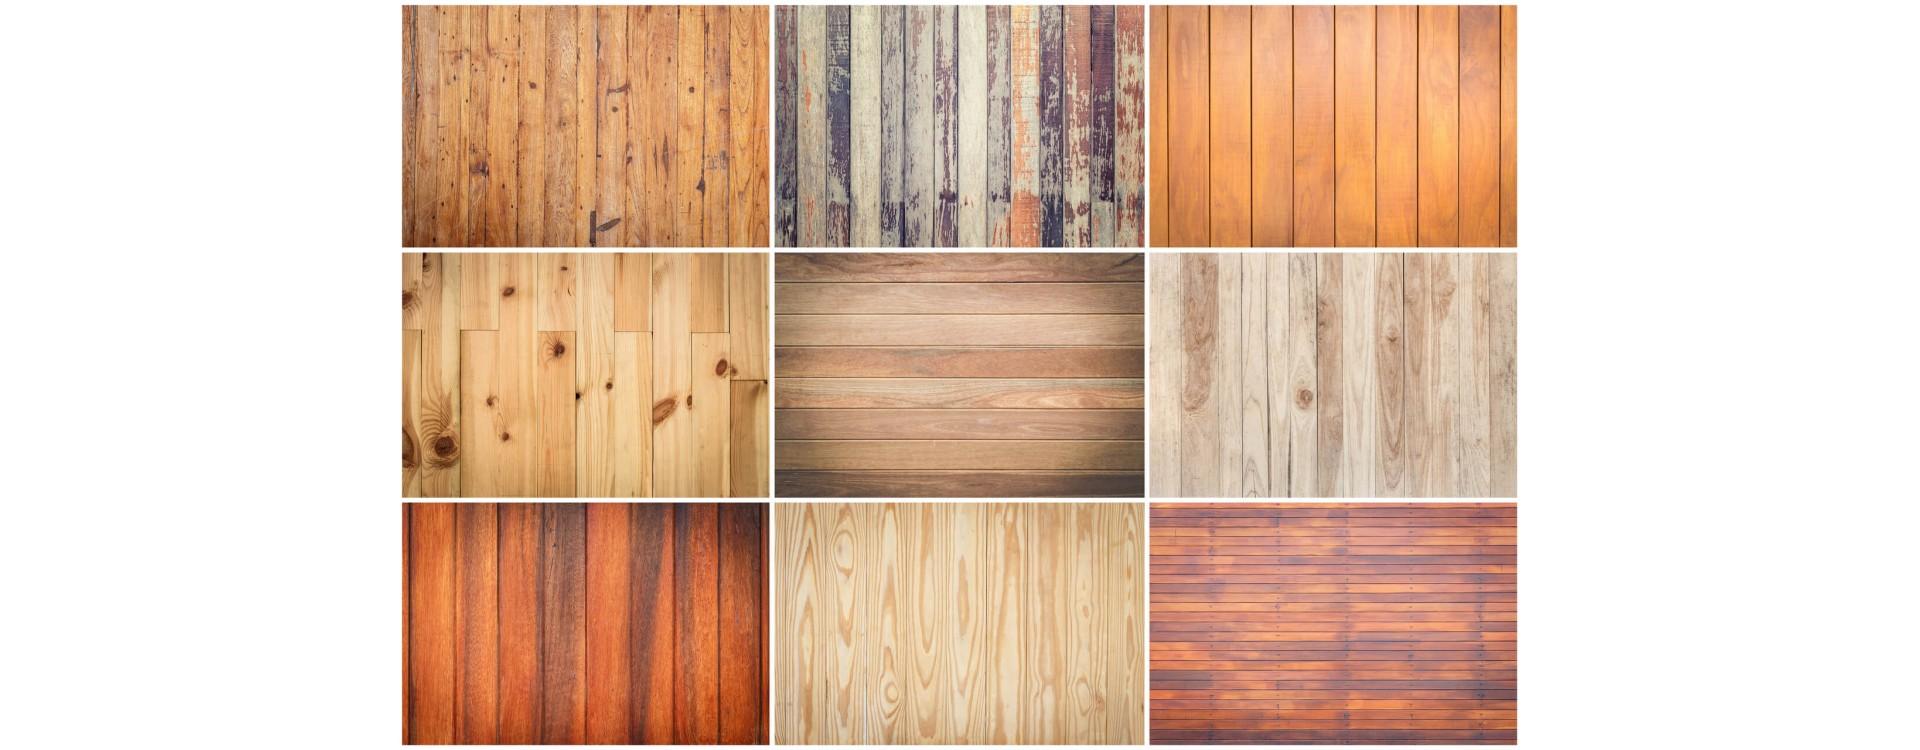 Quali sono i legni duri e più pregiati? Specie e caratteristiche